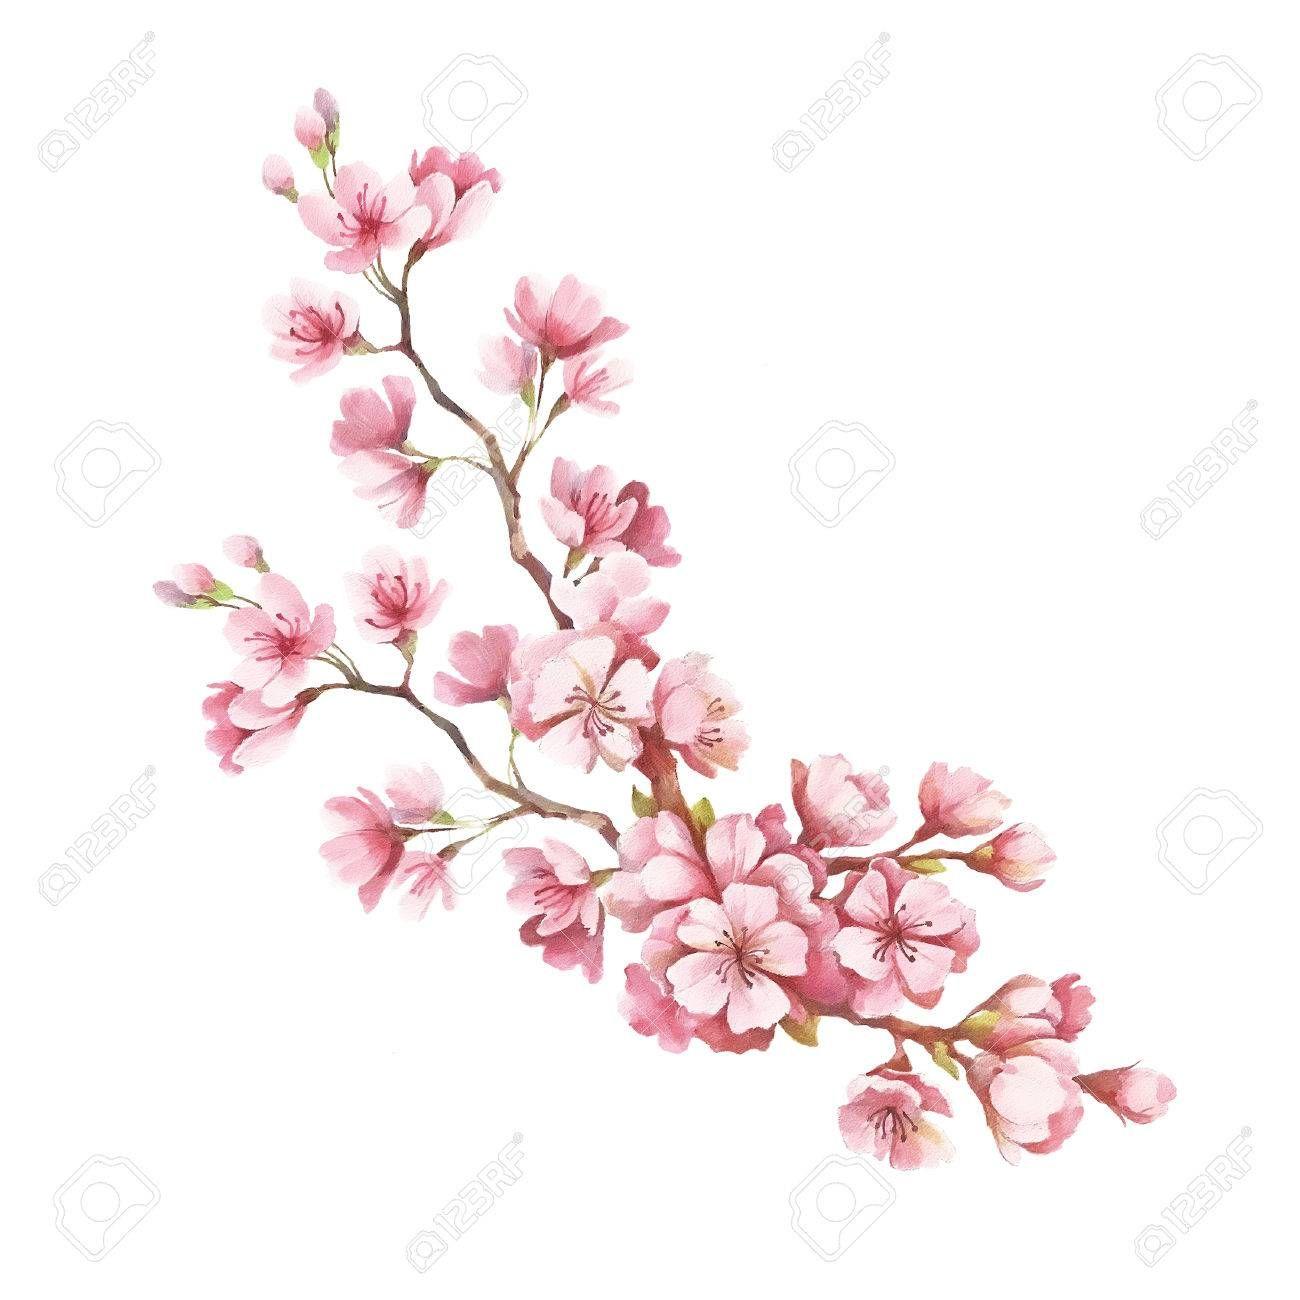 Dibujo Flores Cerezo Buscar Con Google Flor De Cerezo Flor De Cerezo Dibujo Cerezo